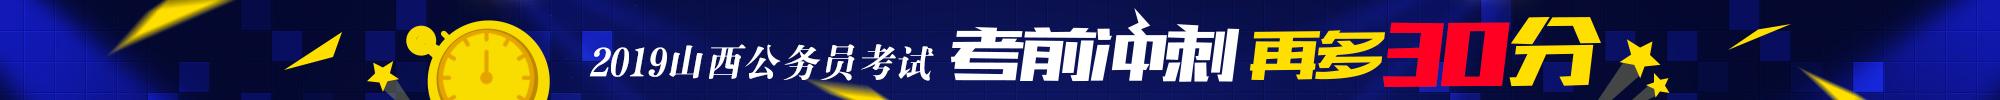 2019灞辫タ鐪佽€冭€冨墠30鍒嗗啿鍒? title=